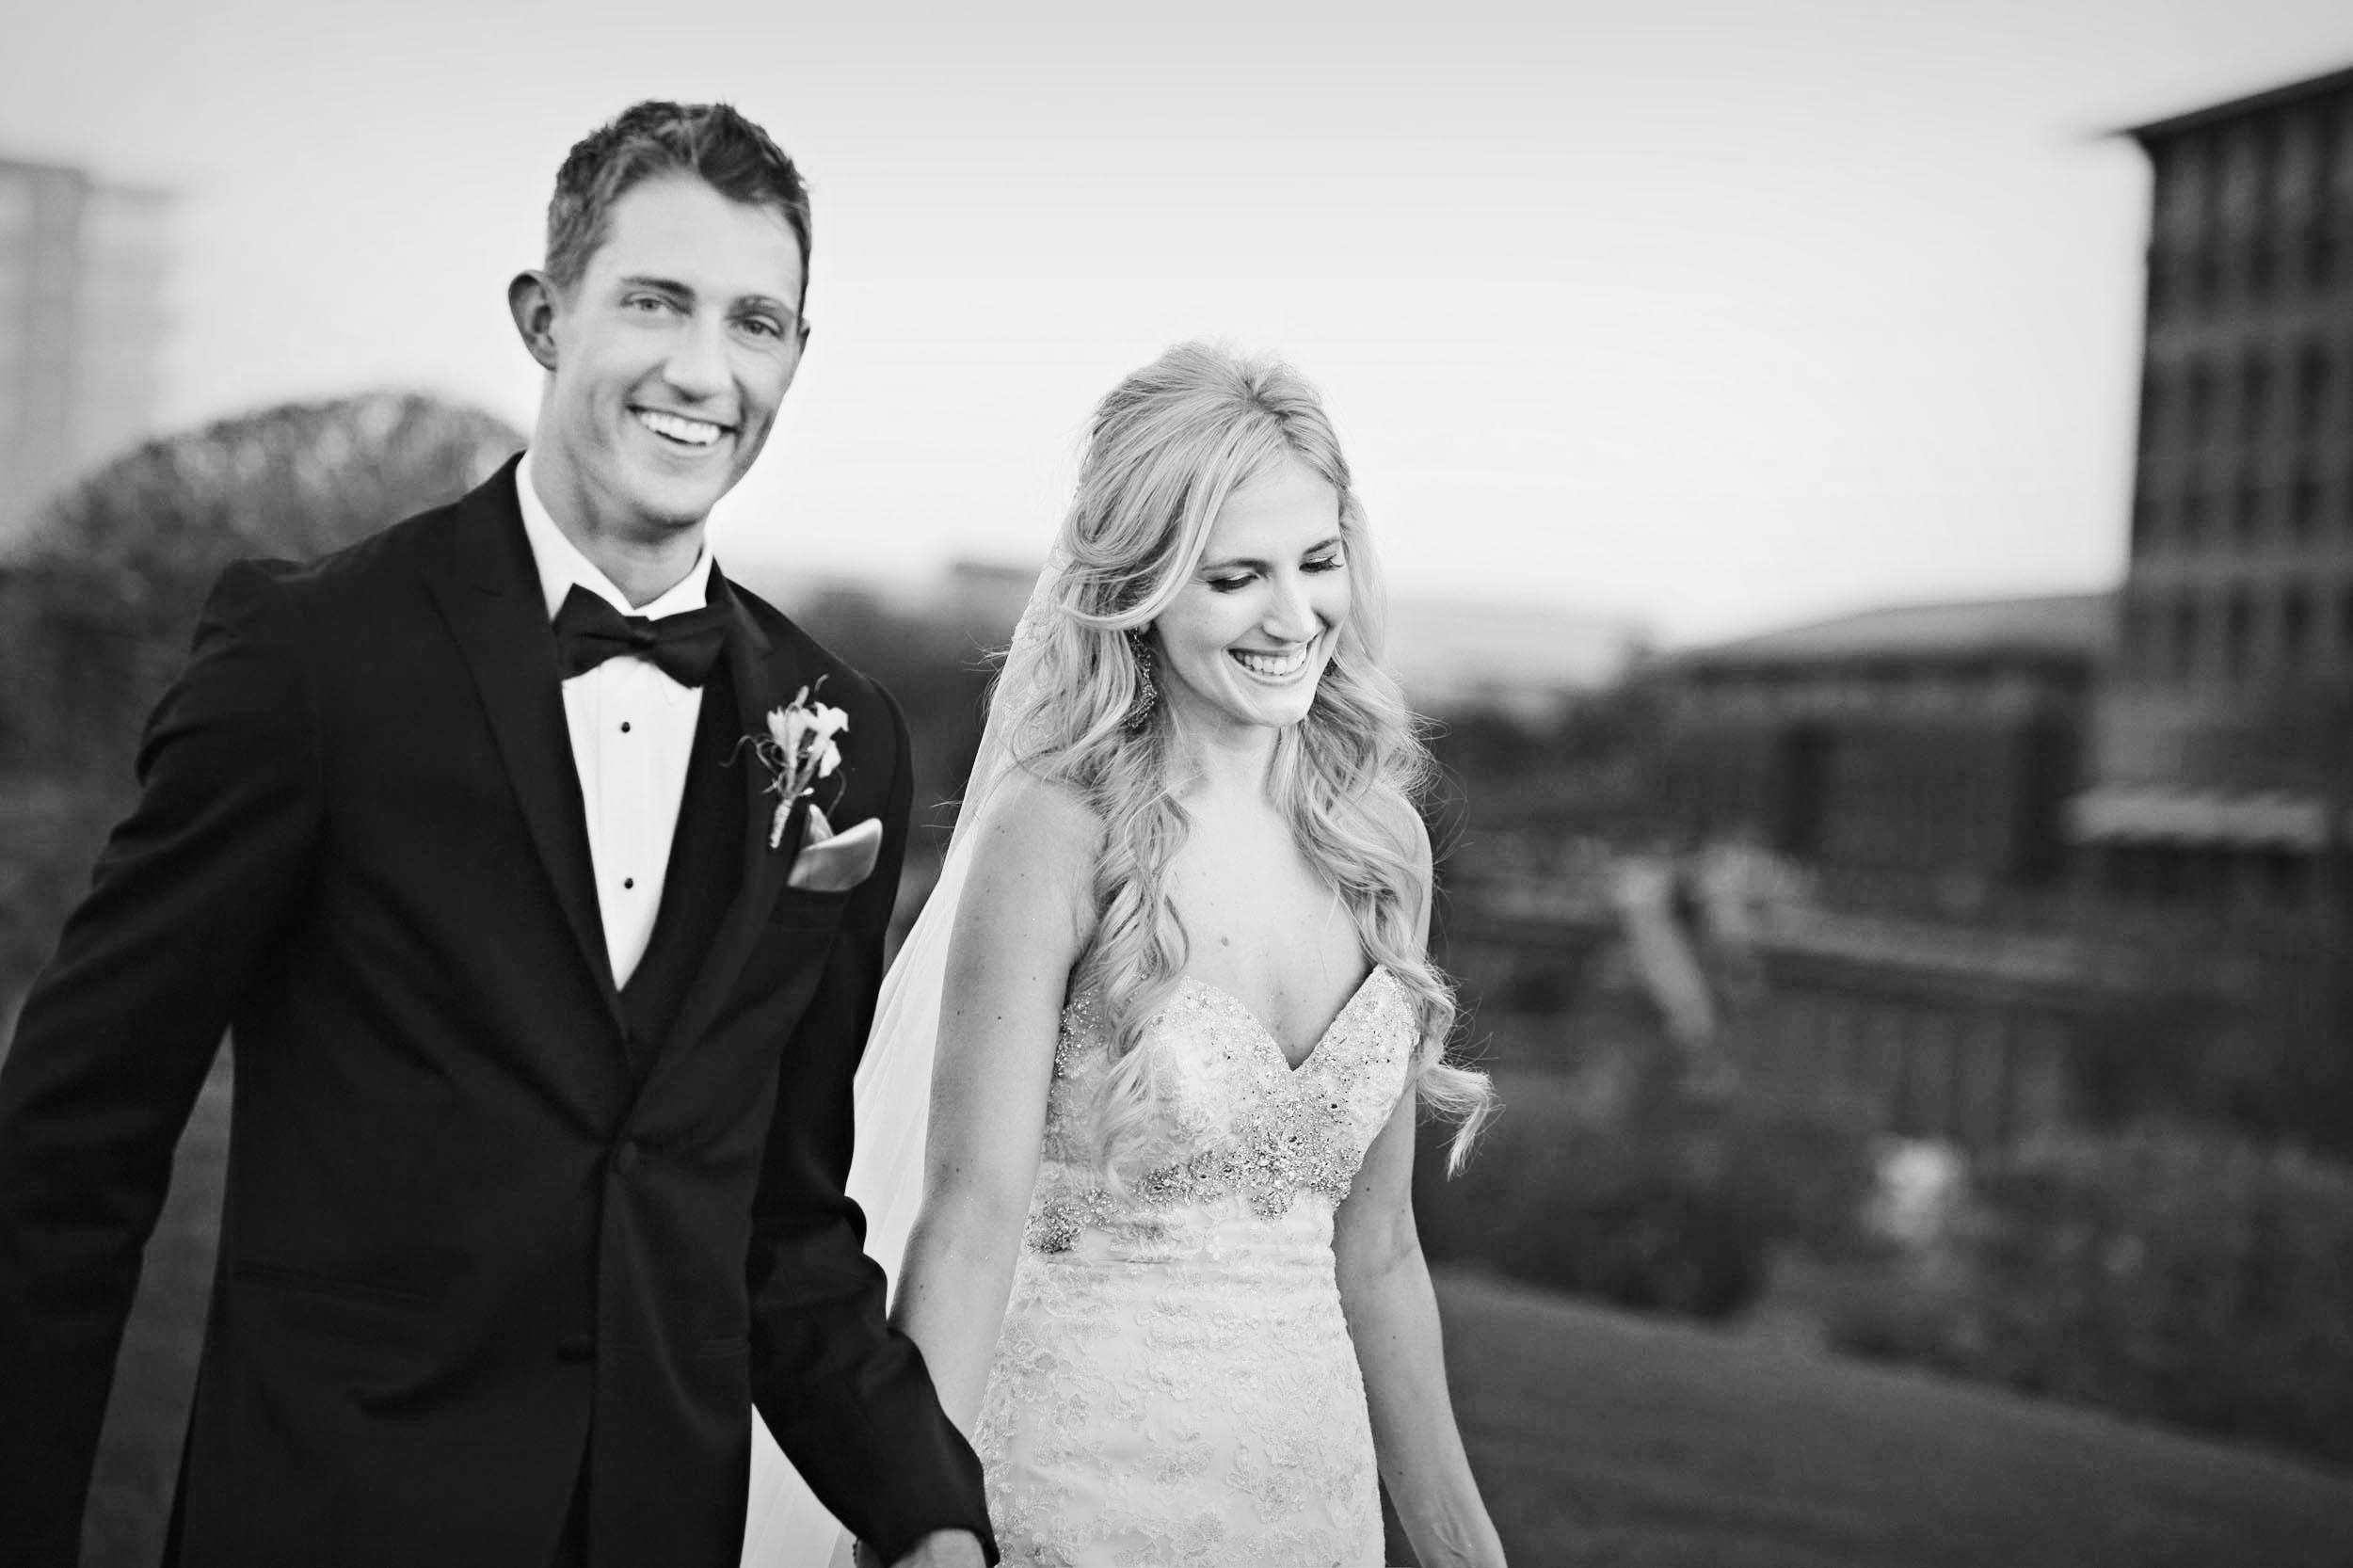 weddings-scottsdale-25.JPG